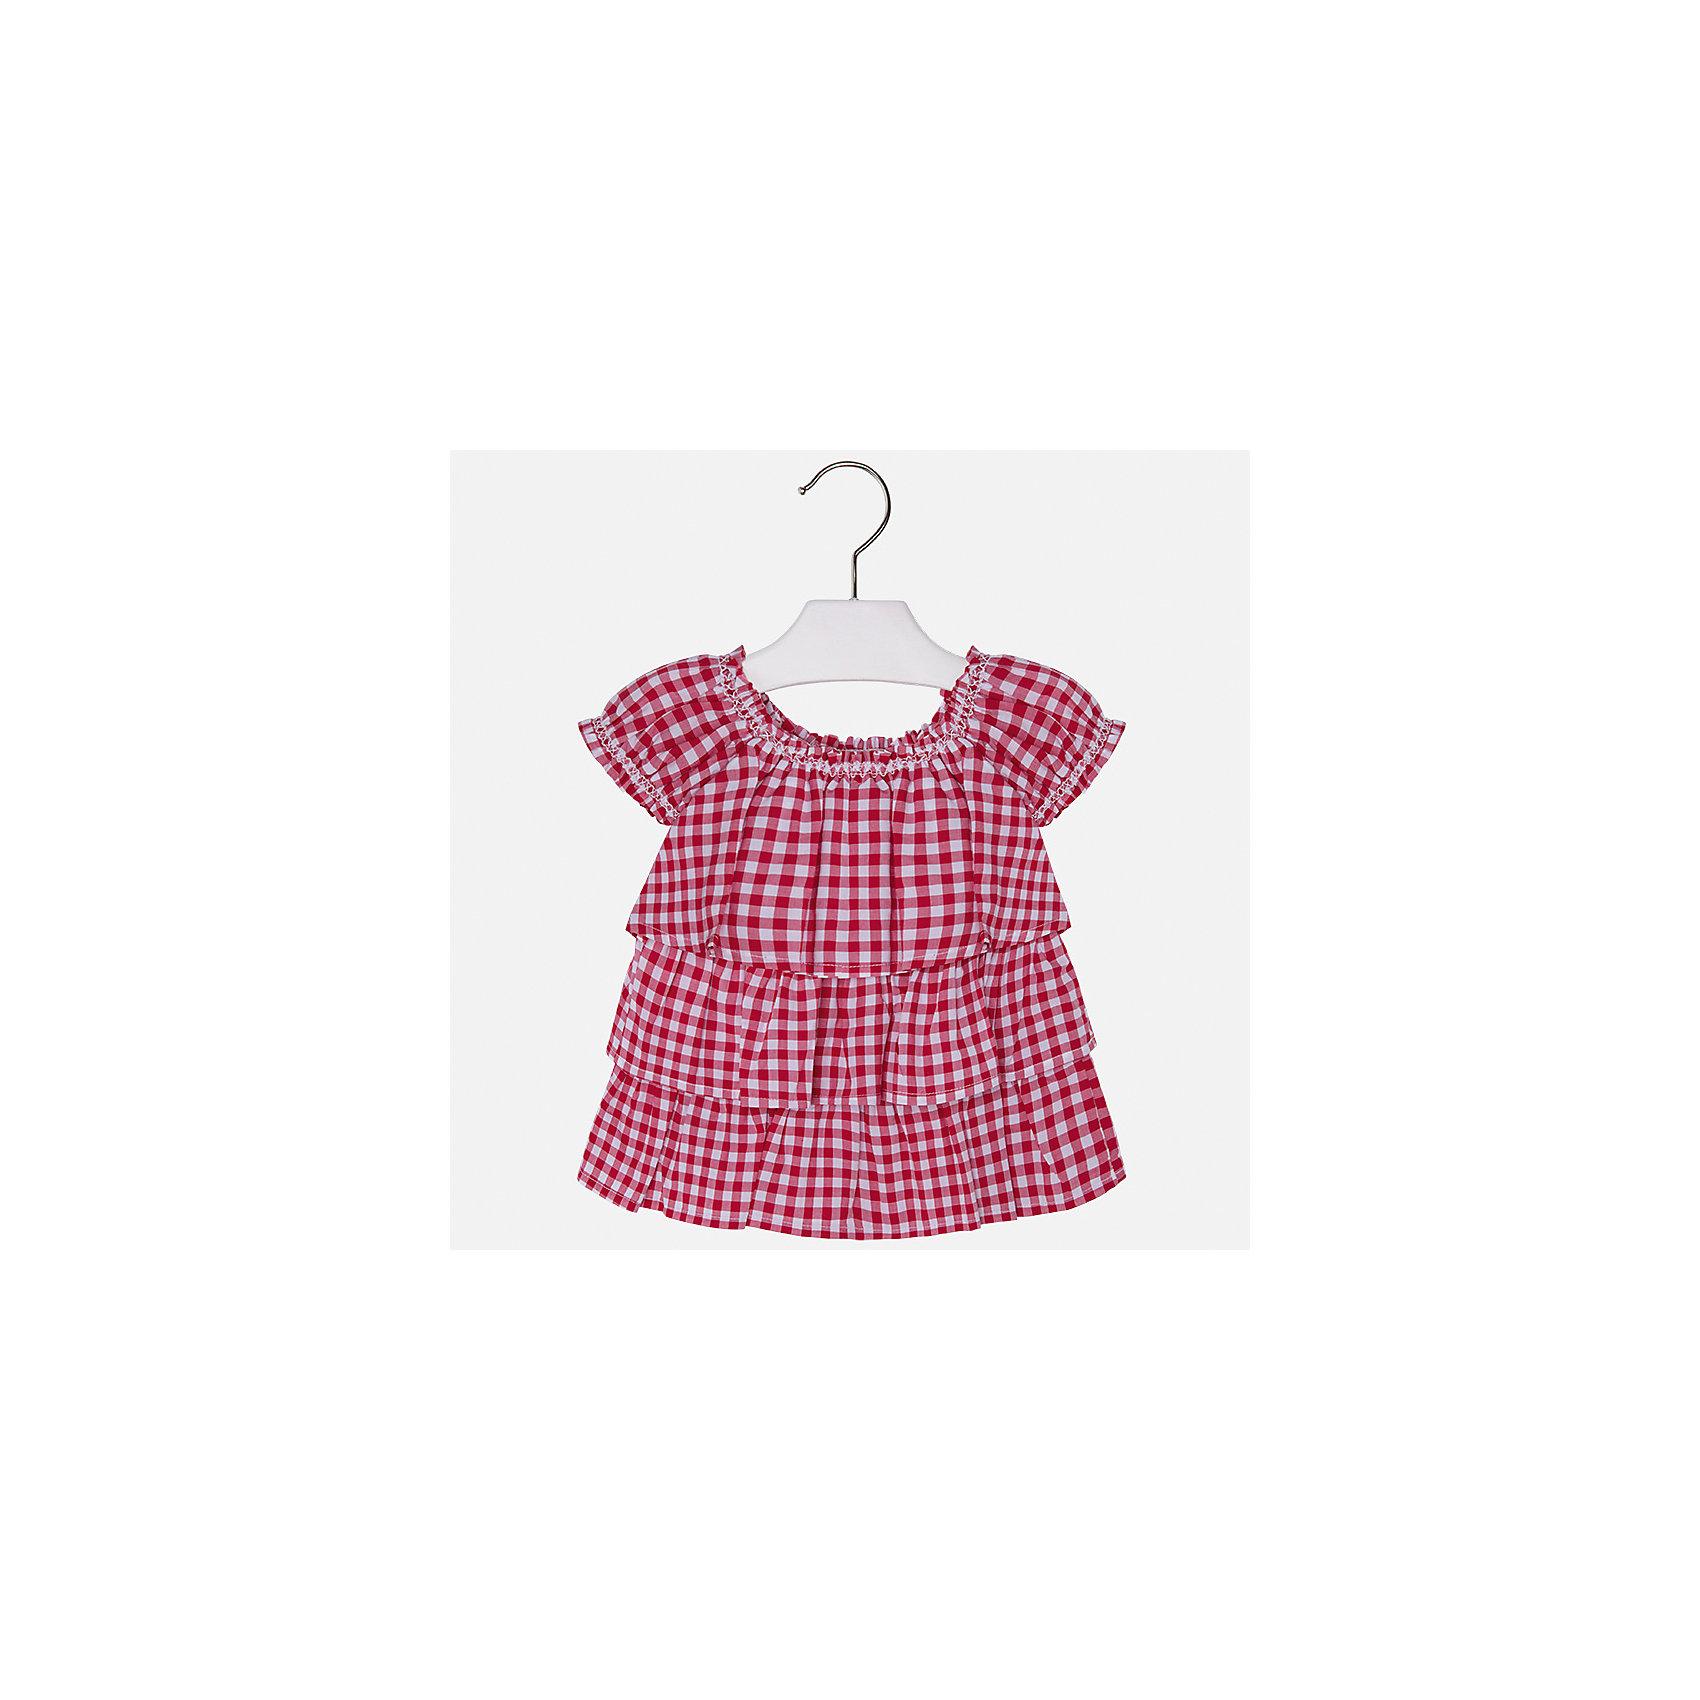 Блузка для девочки MayoralХарактеристики товара:<br><br>• цвет: красный<br>• состав: 100% хлопок<br>• легкий материал<br>• в клетку<br>• расширена снизу<br>• объемные детали<br>• округлый горловой вырез<br>• страна бренда: Испания<br><br>Модная легкая блузка для девочки поможет разнообразить гардероб ребенка и украсить наряд. Она отлично сочетается и с юбками, и с шортами, и с брюками. Универсальный цвет позволяет подобрать к вещи низ практически любой расцветки. Интересный крой модели делает её нарядной и оригинальной. В составе материала - только натуральный хлопок, гипоаллергенный, приятный на ощупь, дышащий.<br>Одежда, обувь и аксессуары от испанского бренда Mayoral полюбились детям и взрослым по всему миру. Модели этой марки - стильные и удобные. Для их производства используются только безопасные, качественные материалы и фурнитура. Порадуйте ребенка модными и красивыми вещами от Mayoral! <br><br>Блузку для девочки от испанского бренда Mayoral (Майорал) можно купить в нашем интернет-магазине.<br><br>Ширина мм: 186<br>Глубина мм: 87<br>Высота мм: 198<br>Вес г: 197<br>Цвет: красный<br>Возраст от месяцев: 18<br>Возраст до месяцев: 24<br>Пол: Женский<br>Возраст: Детский<br>Размер: 92,134,98,104,110,116,122,128<br>SKU: 5289614